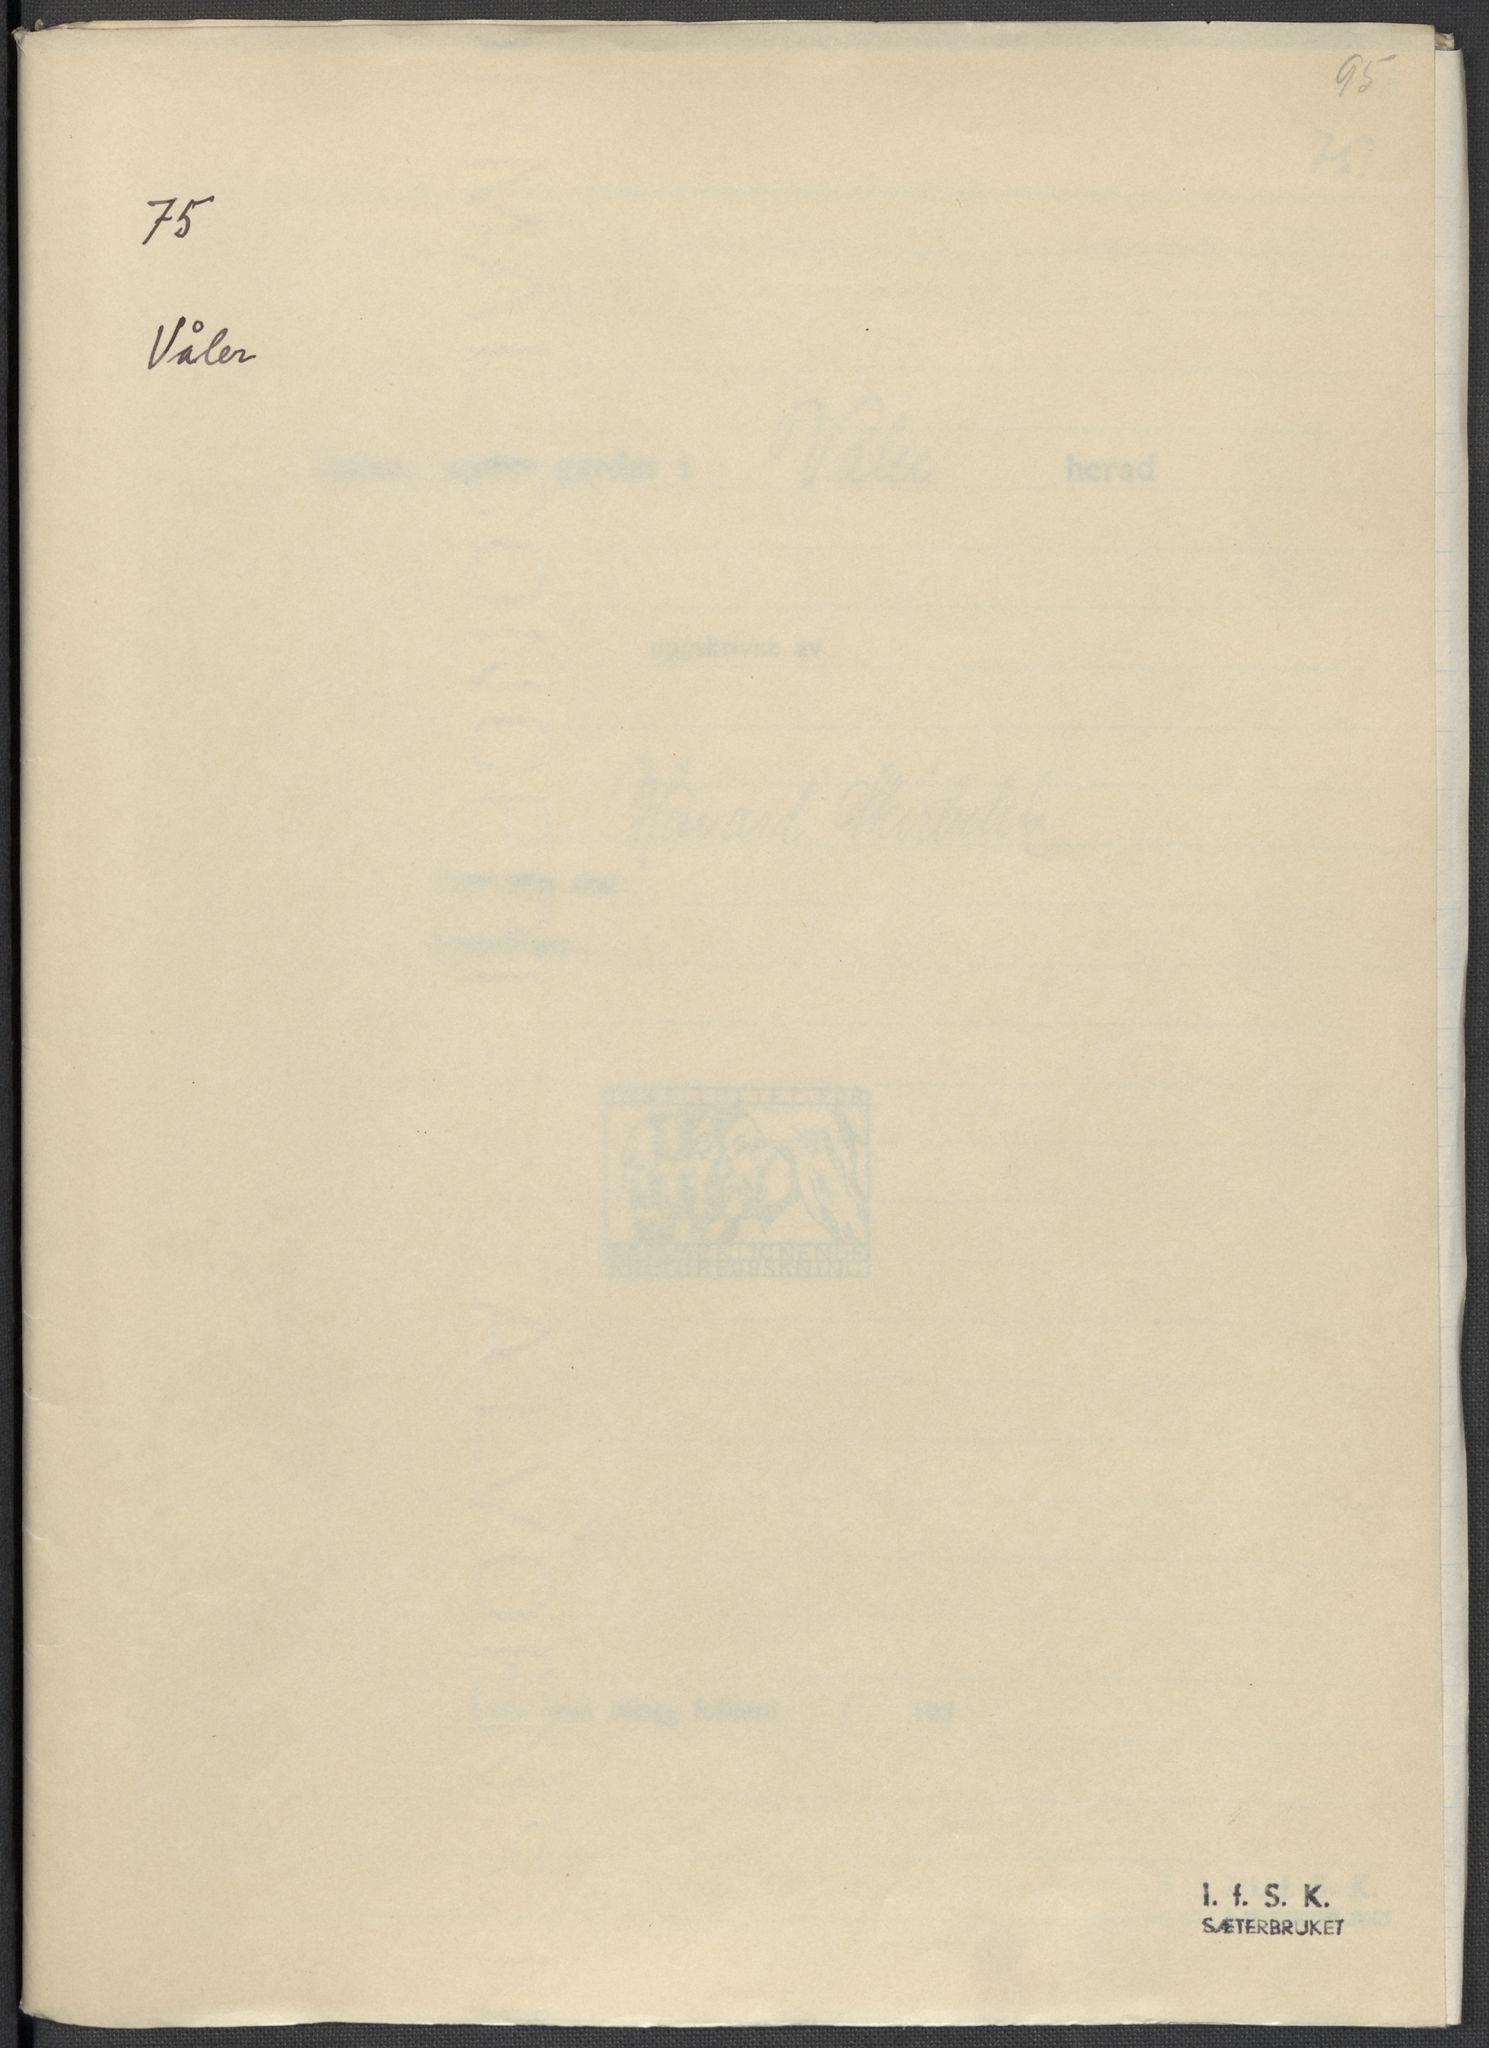 RA, Instituttet for sammenlignende kulturforskning, F/Fc/L0003: Eske B3:, 1934-1935, s. 95